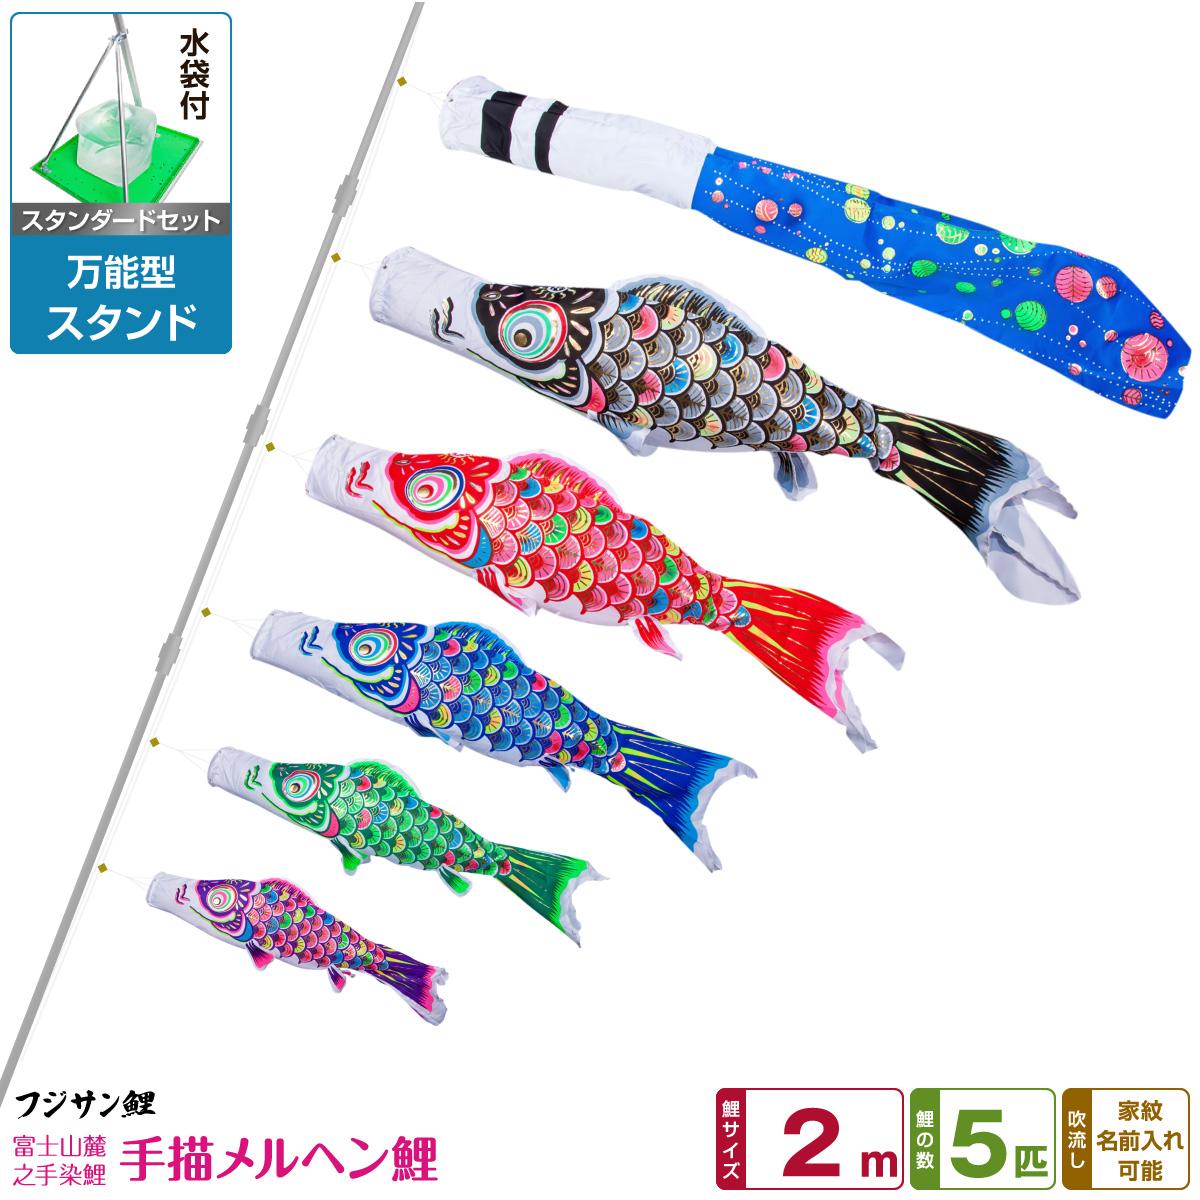 ベランダ用 こいのぼり 鯉のぼり フジサン鯉 手描メルヘン鯉 2m 8点(吹流し+鯉5匹+矢車+ロープ)/スタンダードセット(万能スタンド)